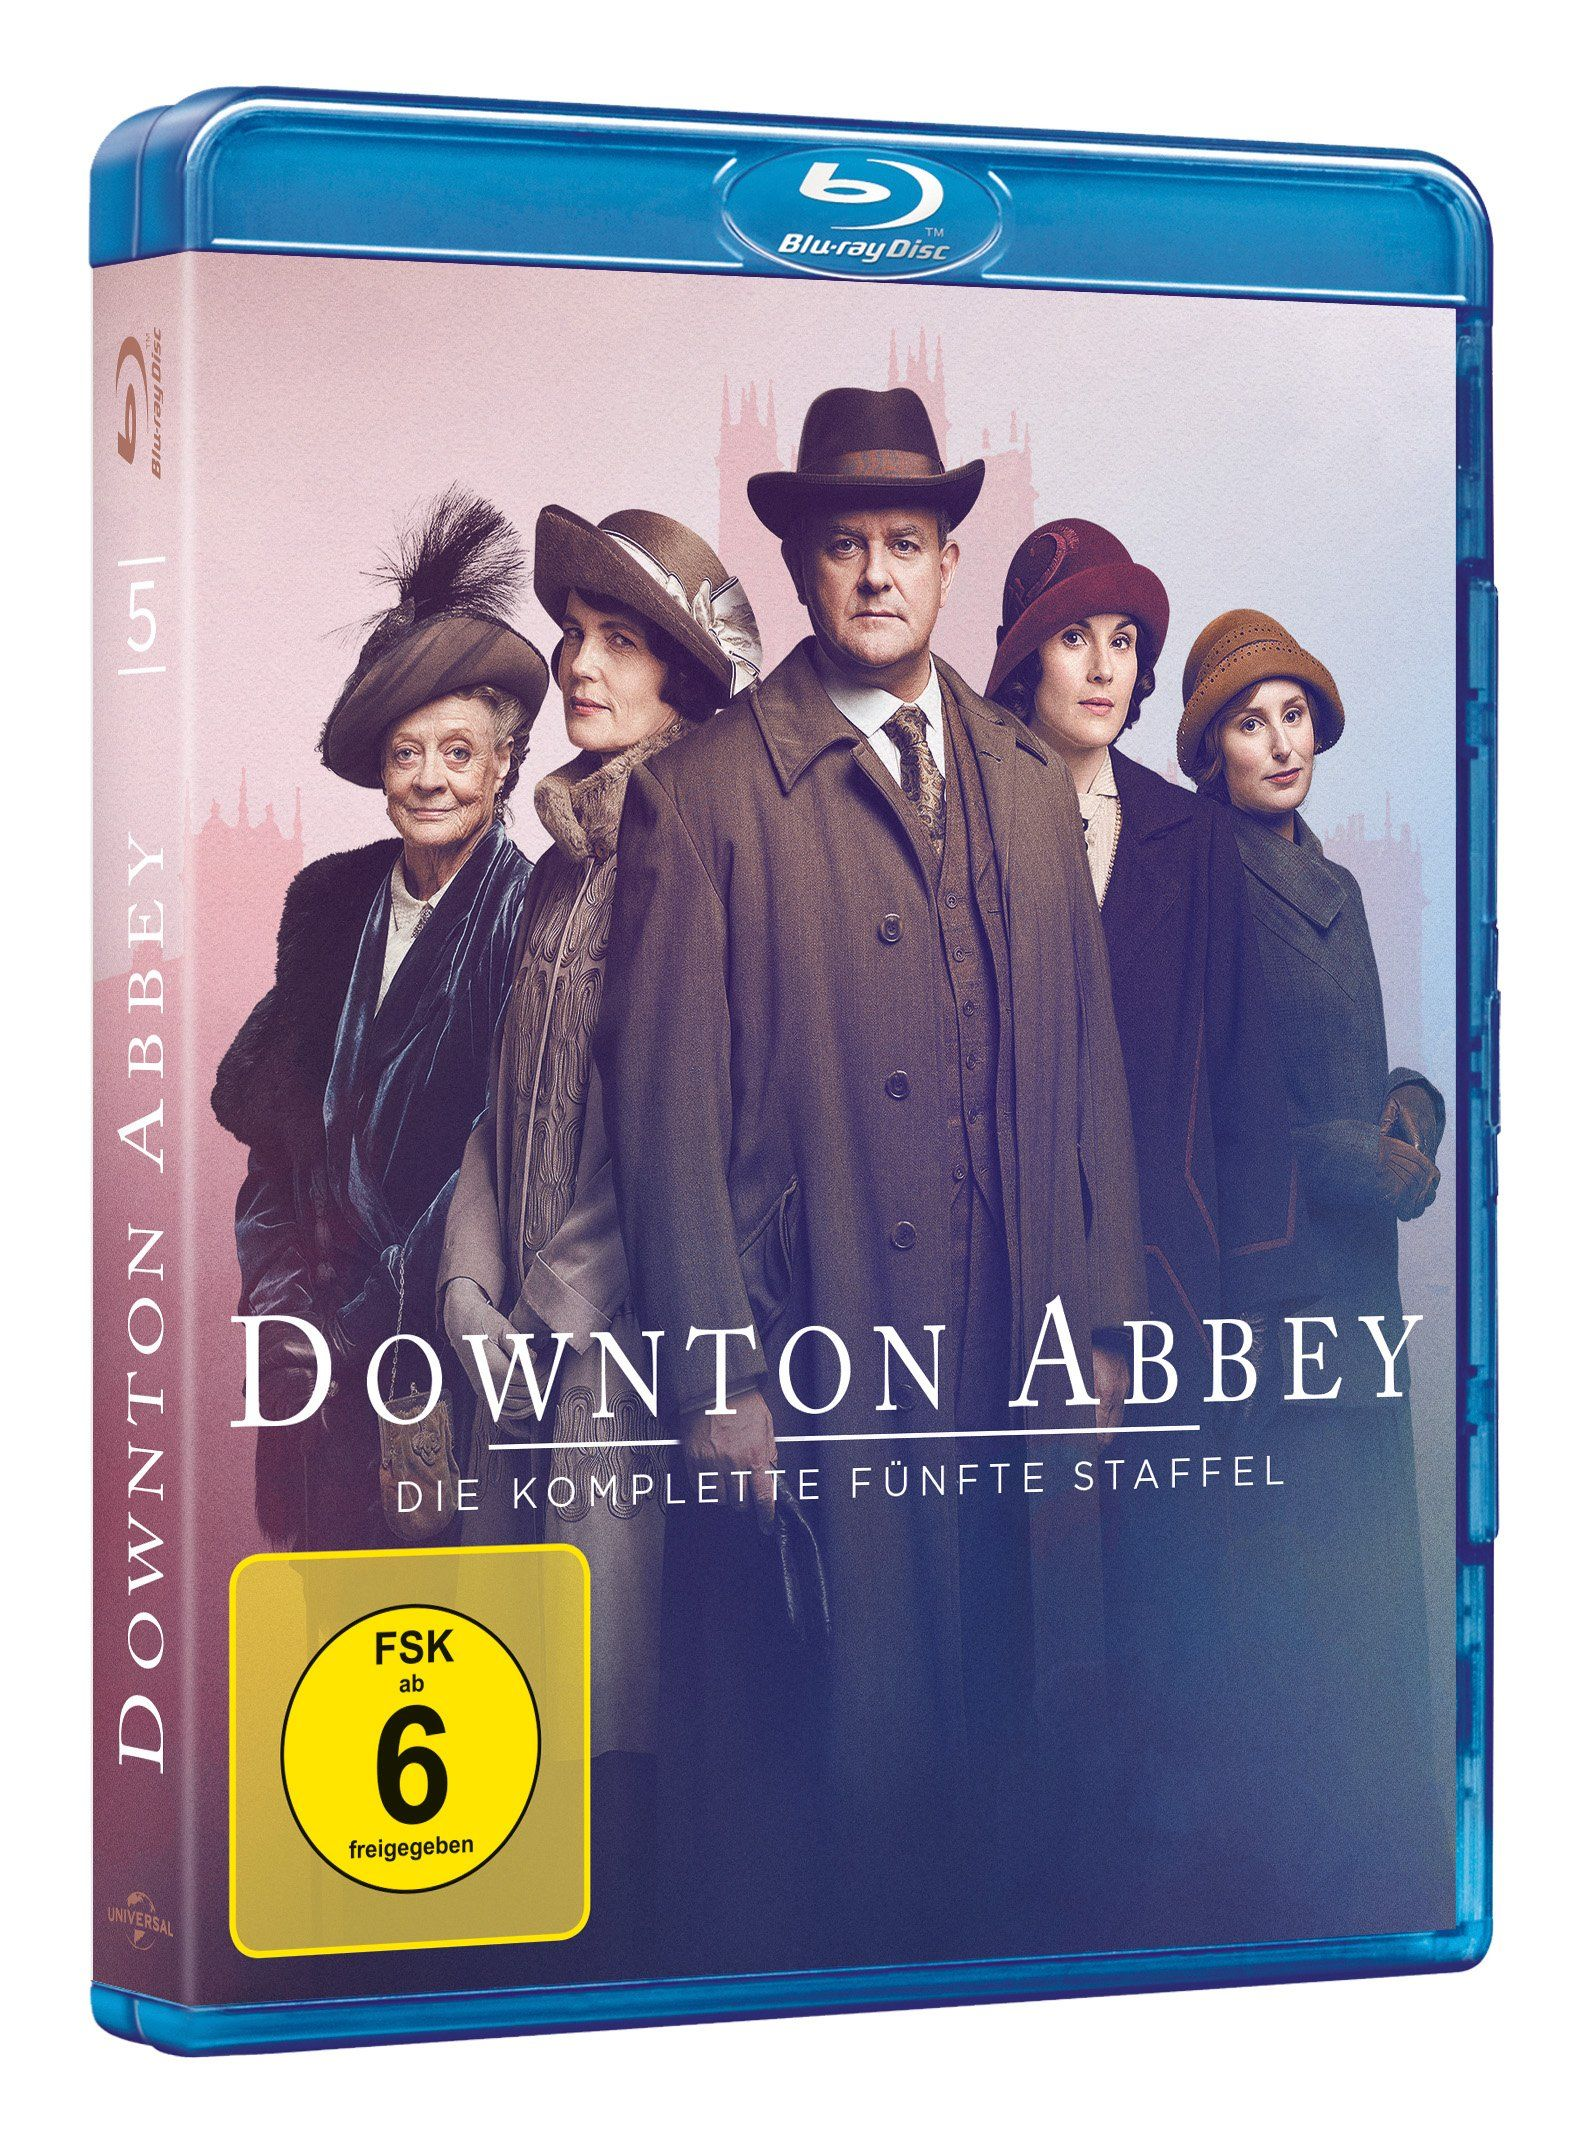 Downton Abbey Staffel 5 Alemania Blu Ray Ad Staffel Abbey Downton Ray Bucher Online Lesen Deutsche Bucher Die Welten Verandern